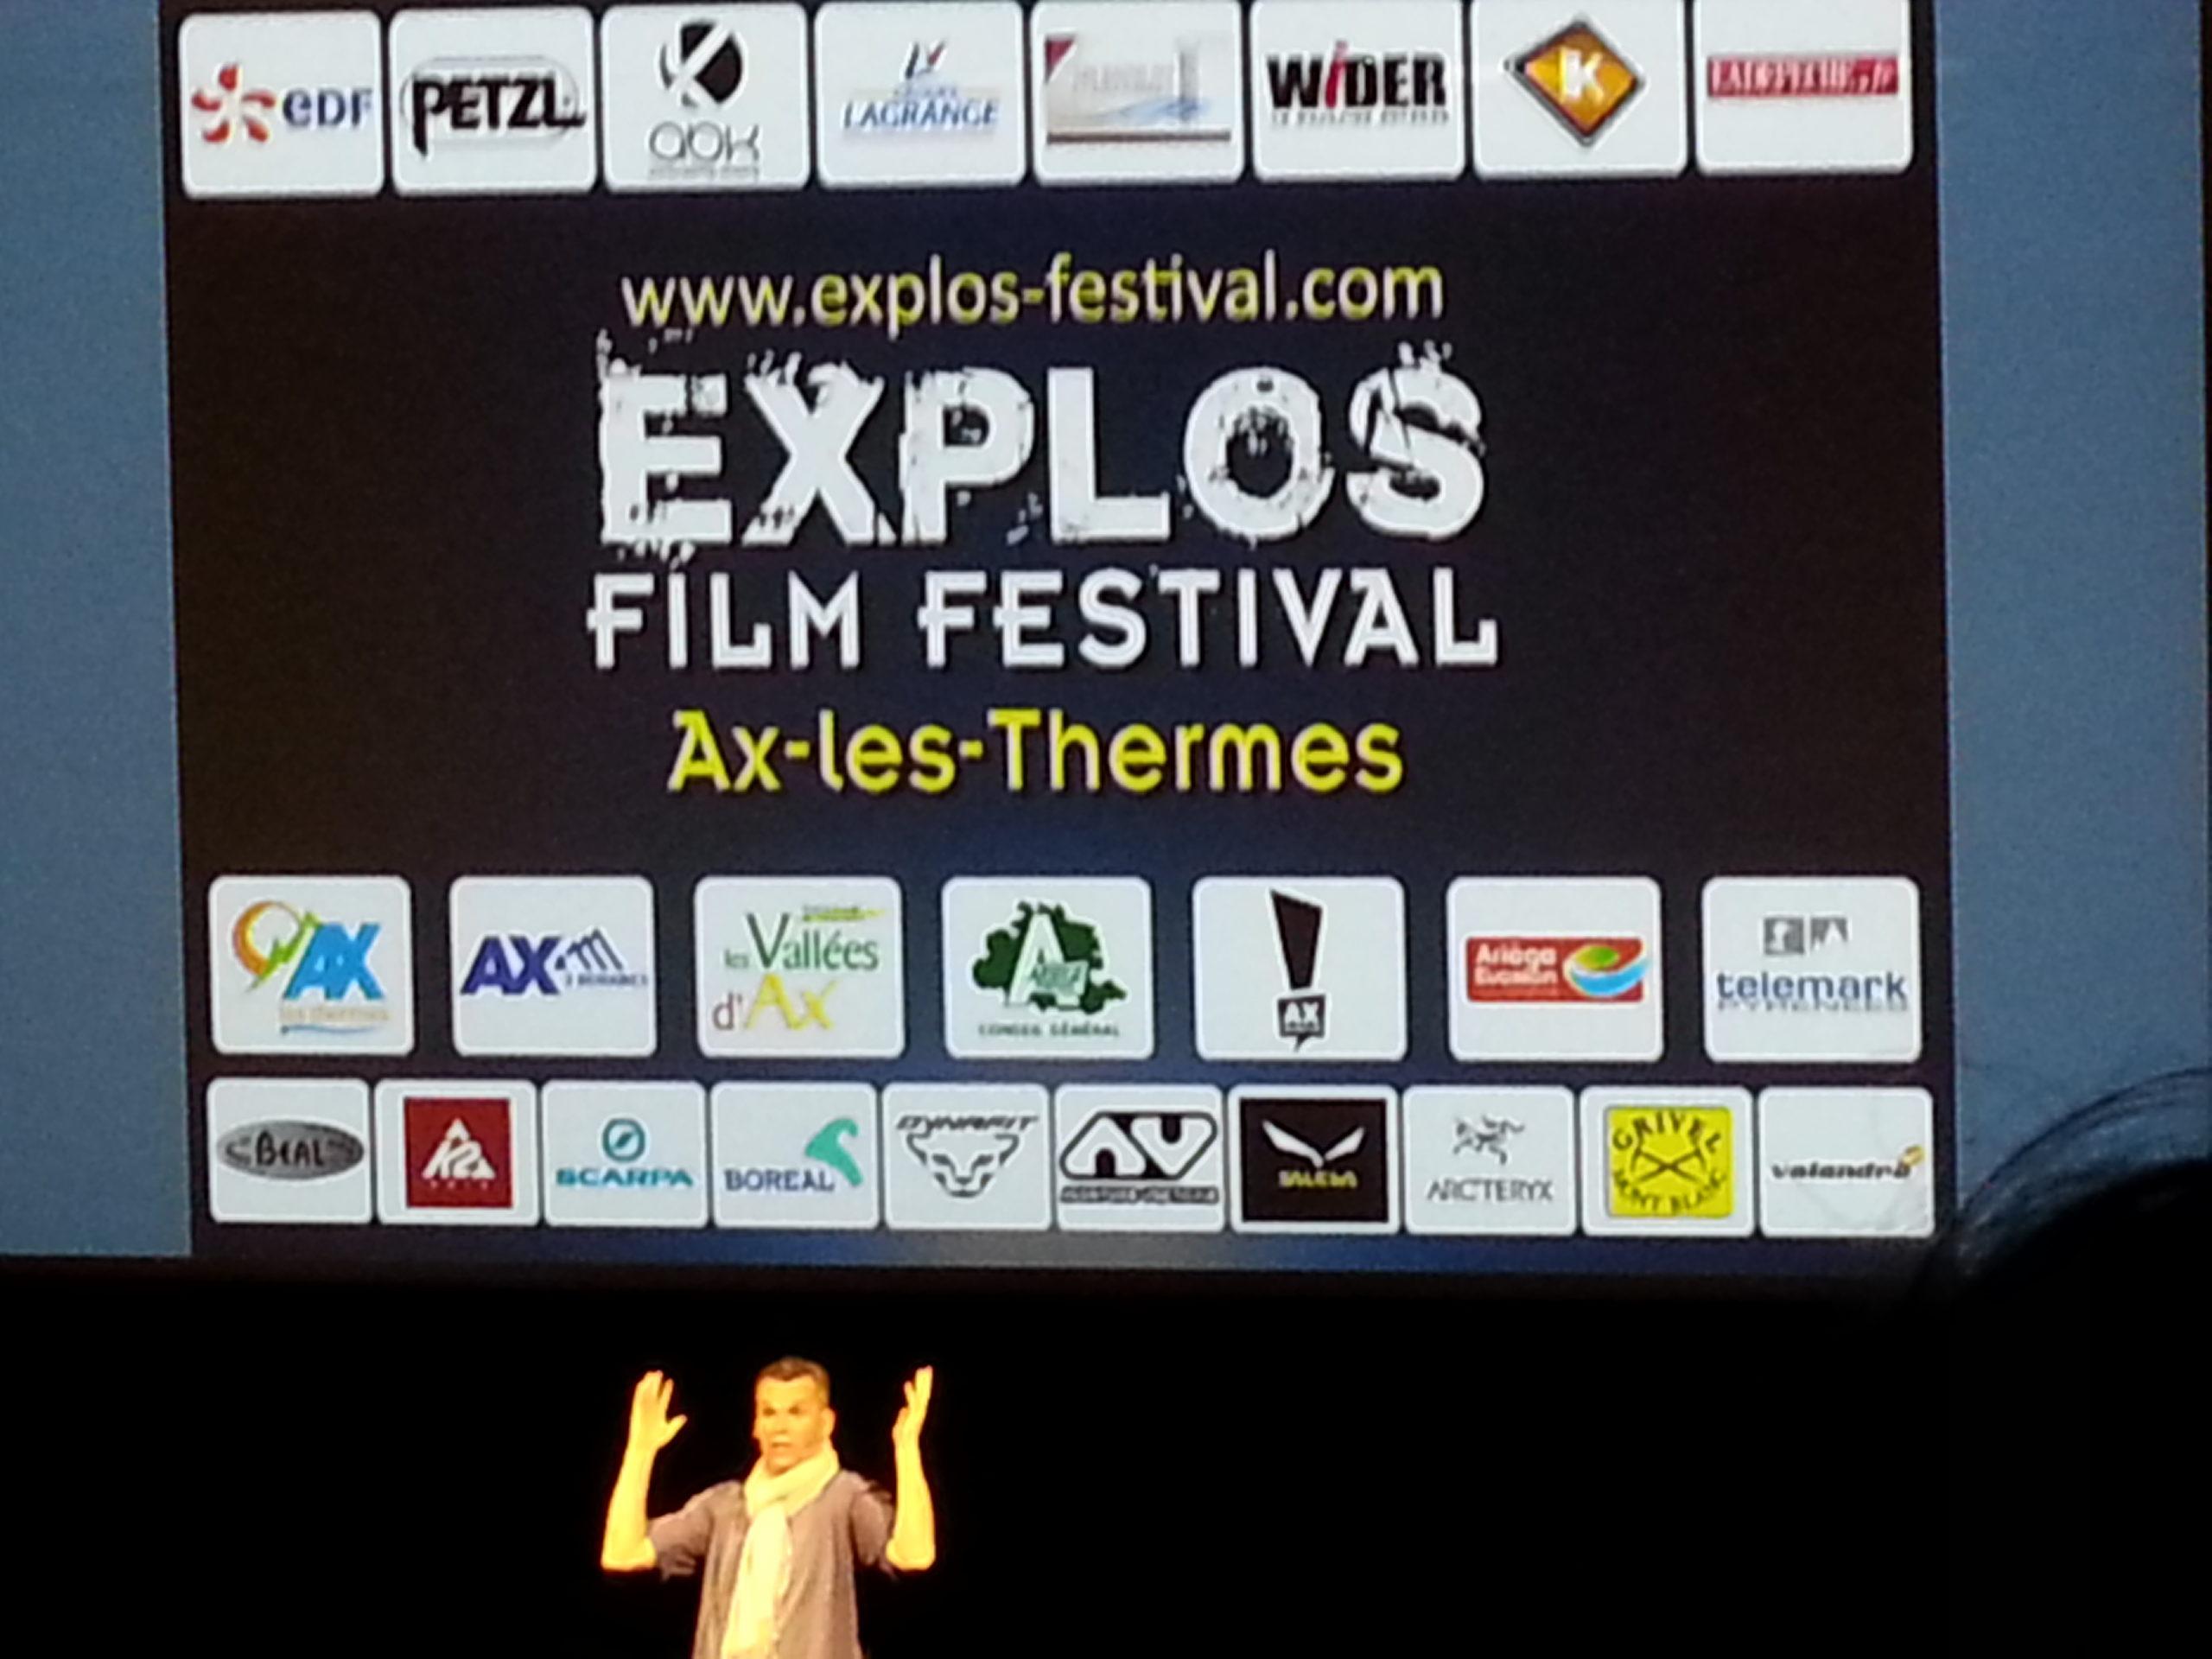 Festival du film Explos Ax les Thermes